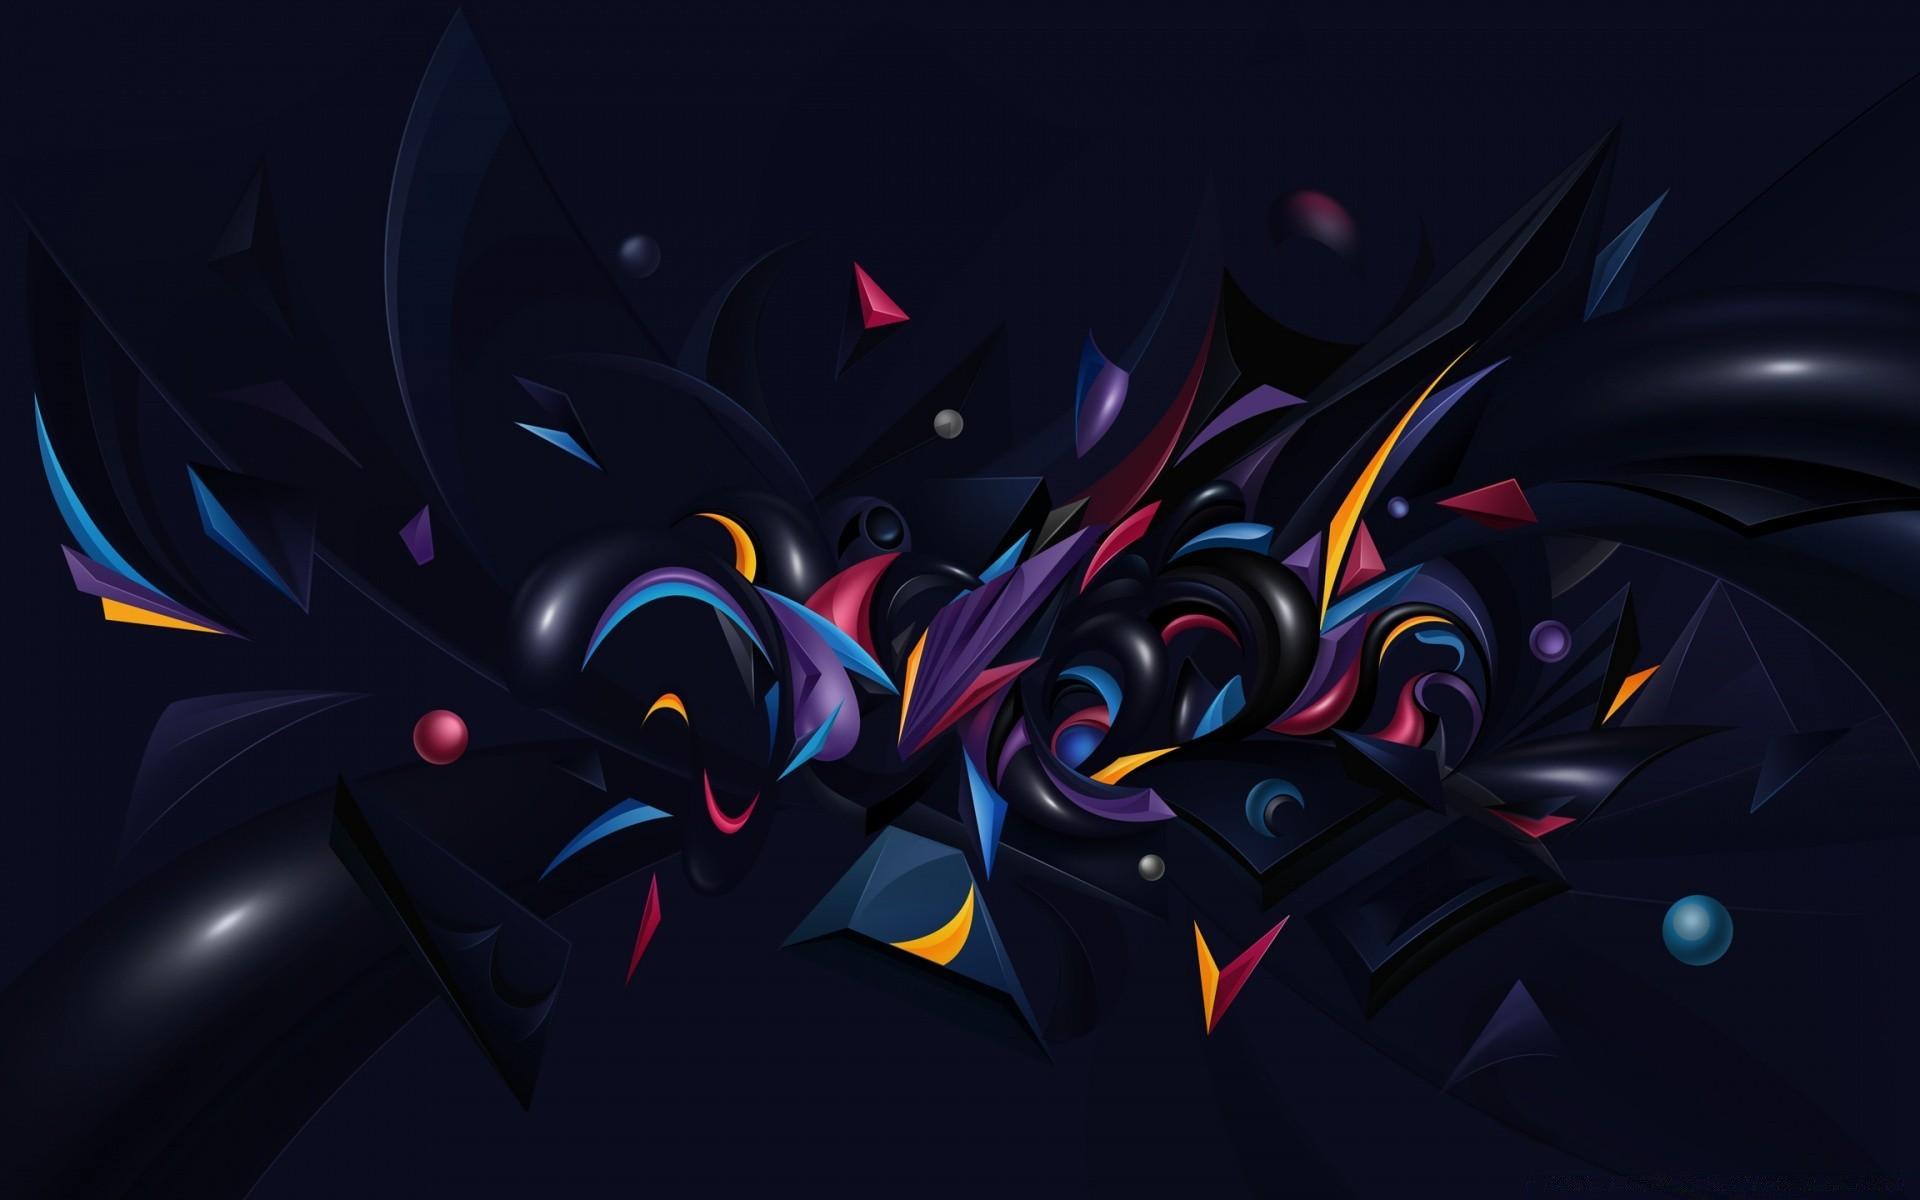 Обои узор, Цвет, хаос, свет. Абстракции foto 15